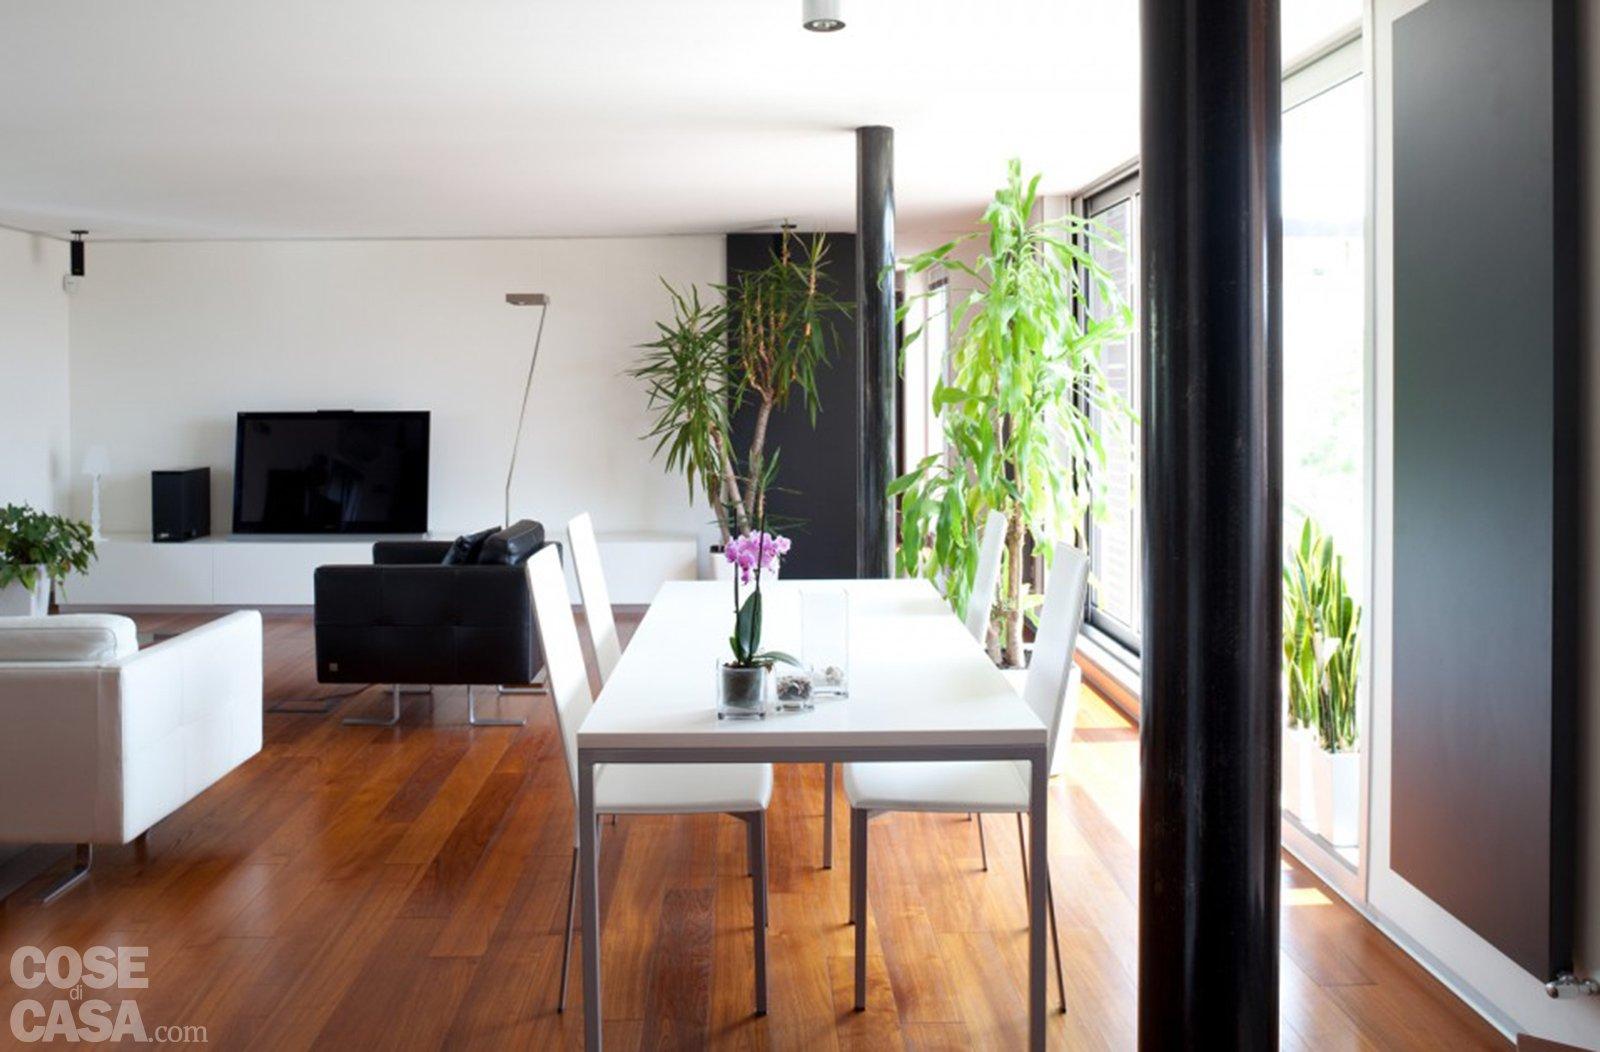 80 mq una casa per due perfetta per fare inviti cose di casa - Cucina soggiorno 15 mq ...